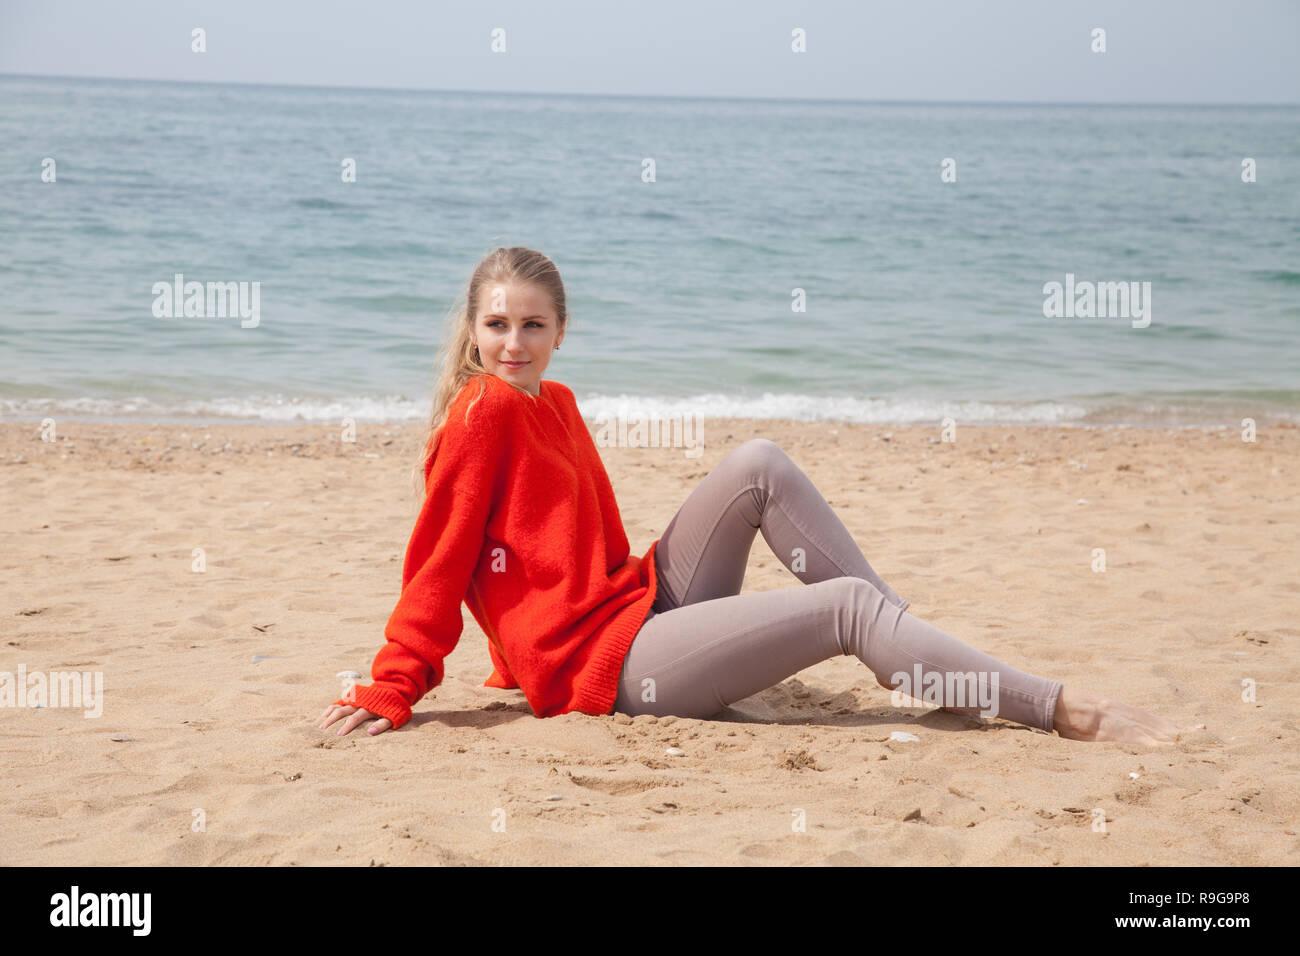 10aa6aa711a2 Young Woman In Bikini Jeans Stock Photos   Young Woman In Bikini ...